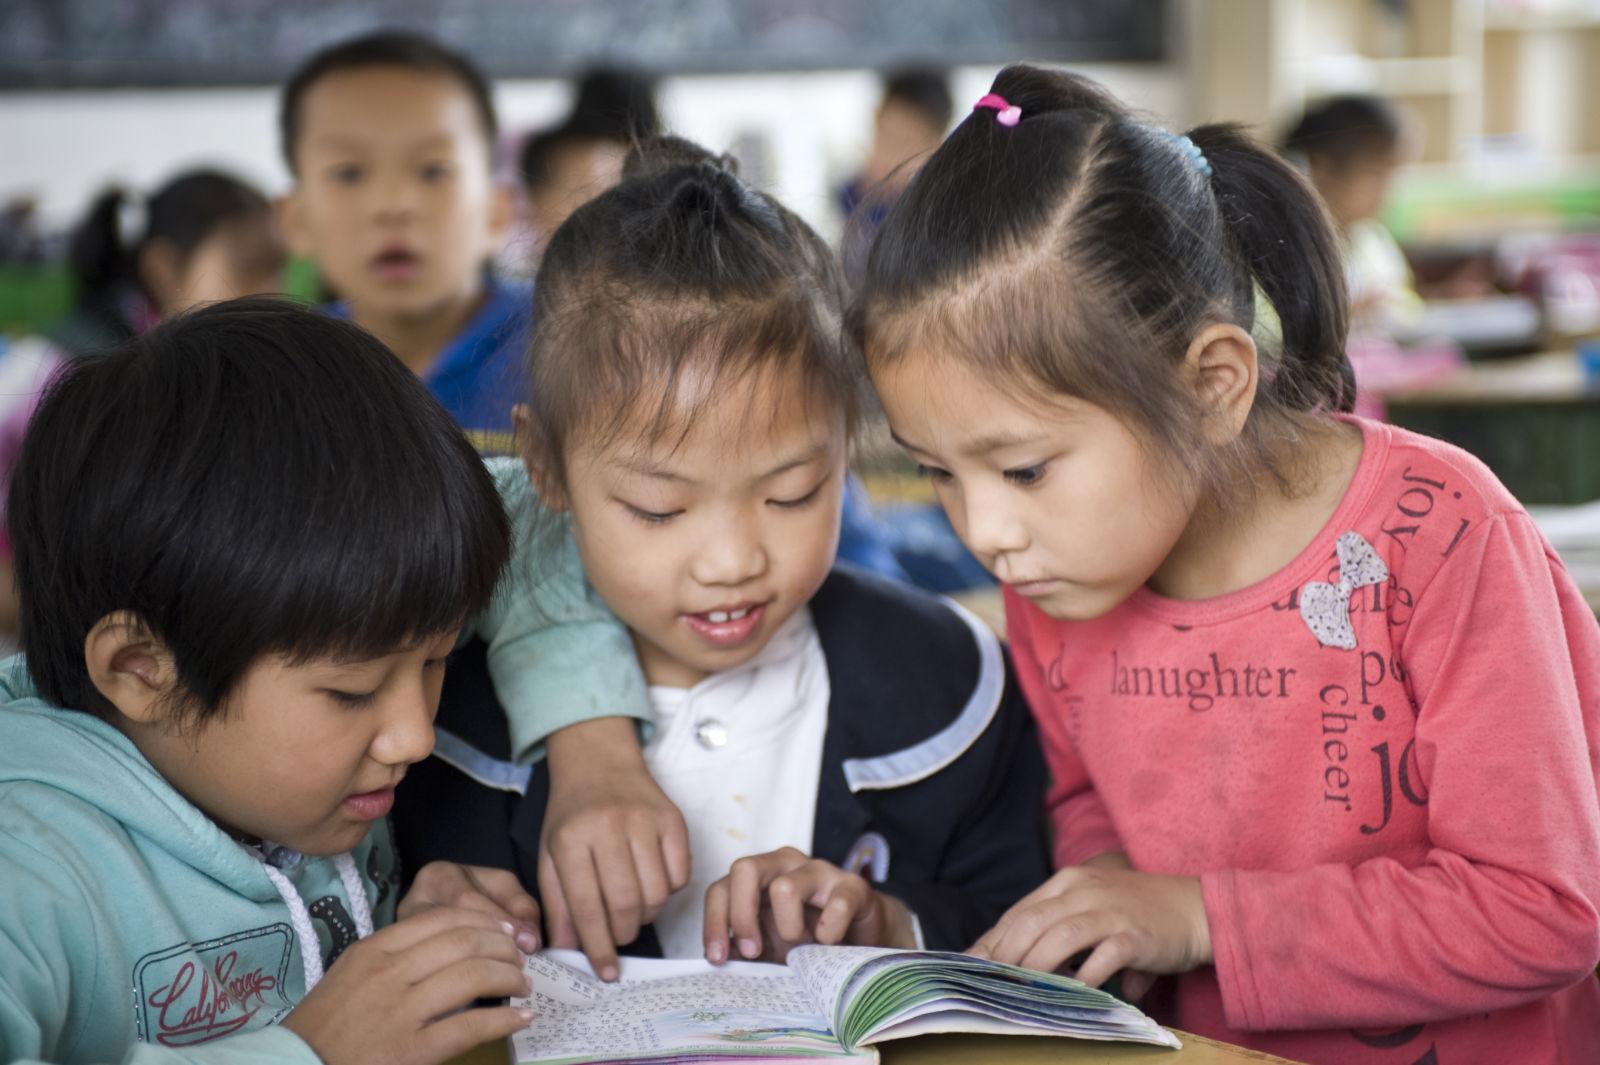 2011年10月黑板报 - 心平阅读联盟 - 心平阅读联盟